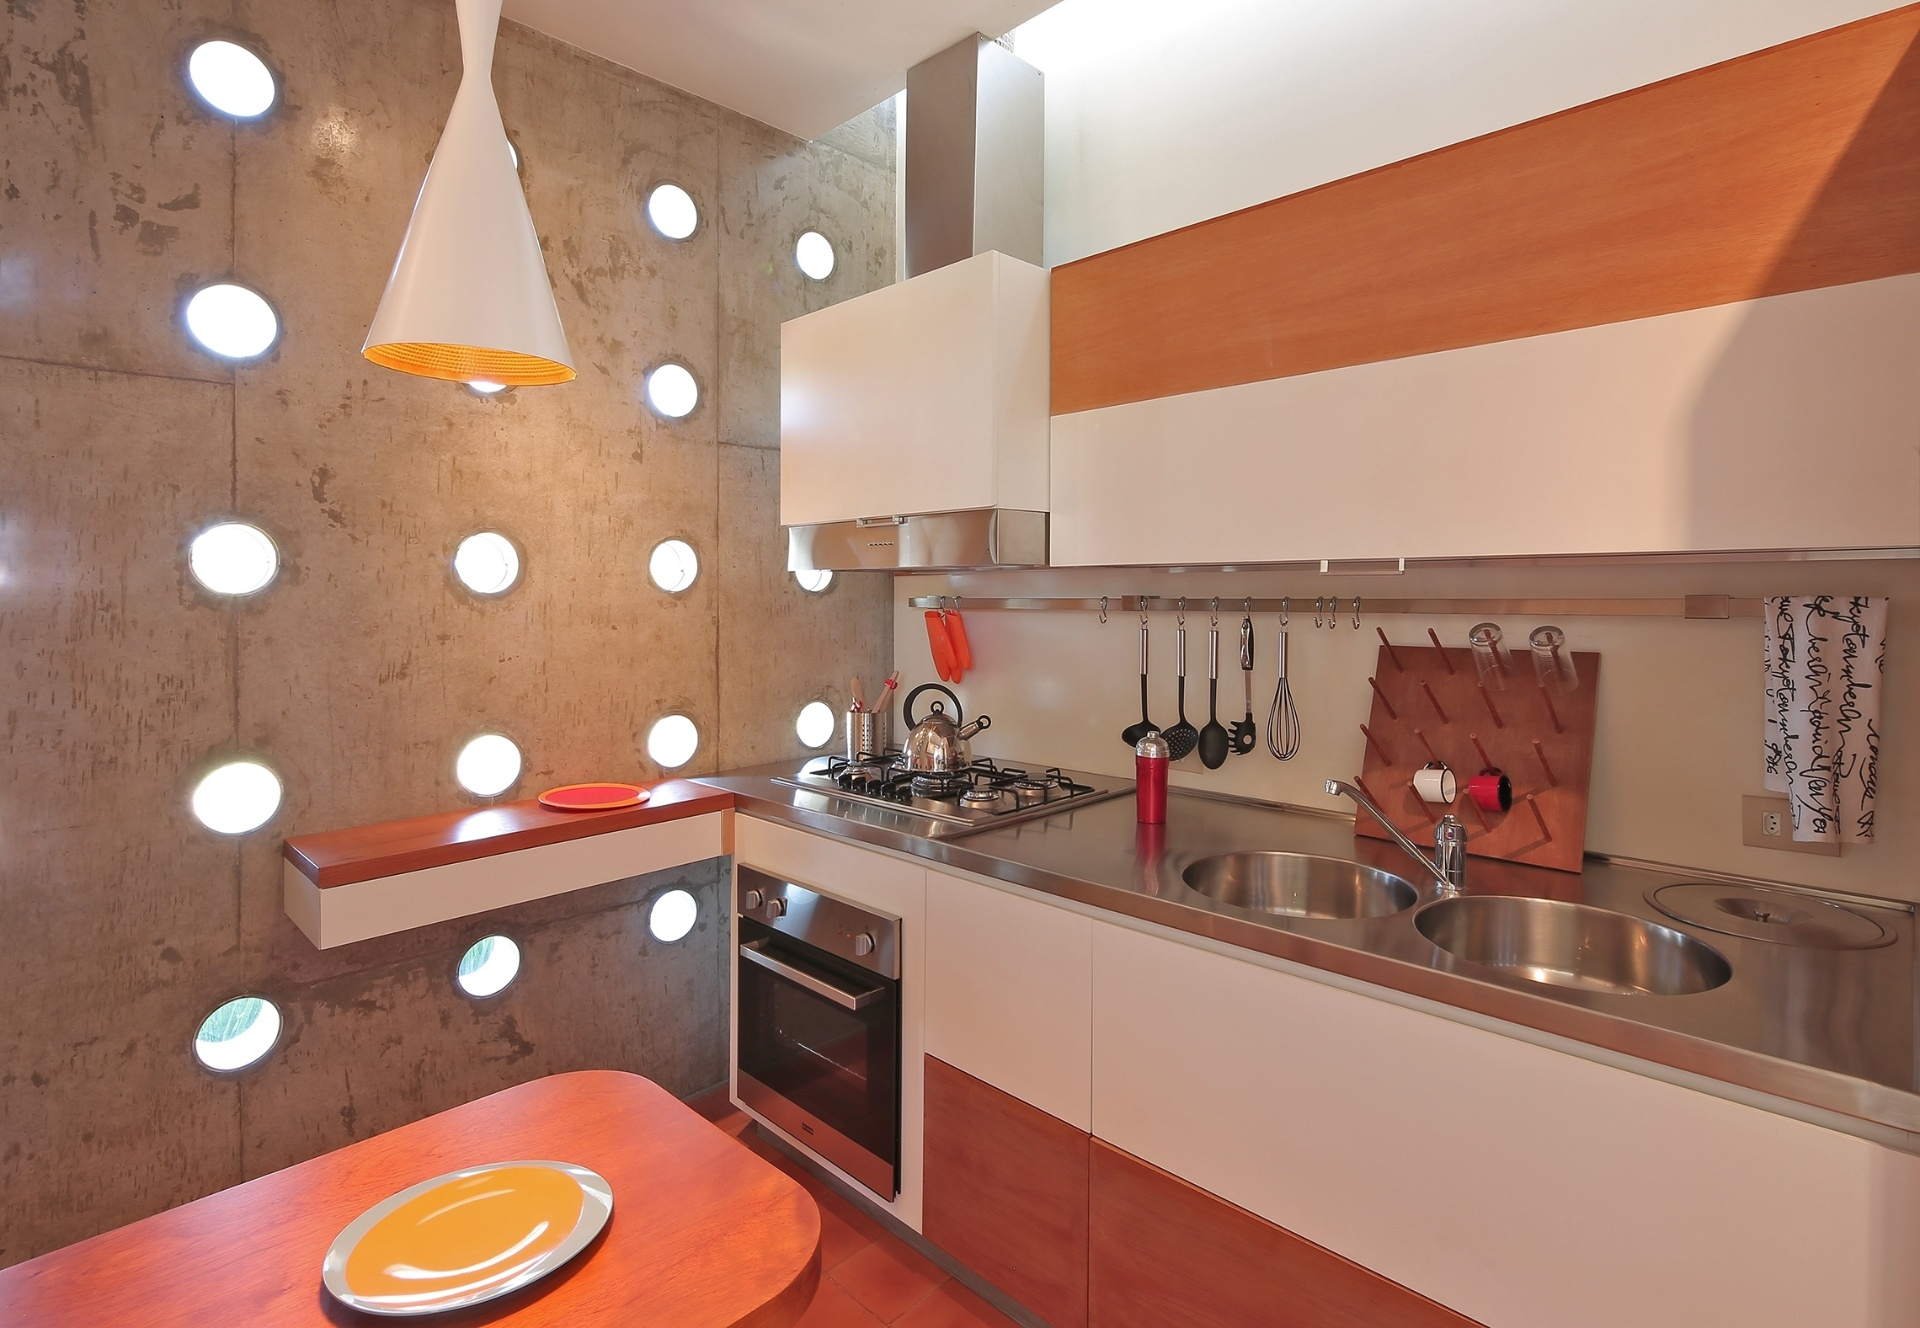 A cozinha da casa Madrid, no interior de São Paulo, tem piso de ladrilhos hidráulicos terracota, da Brasil Imperial. O brilho se dá pelo acabamento resinado, para evitar manchas, especialmente de gordura. O projeto da residência é da arquiteta Monica Drucker